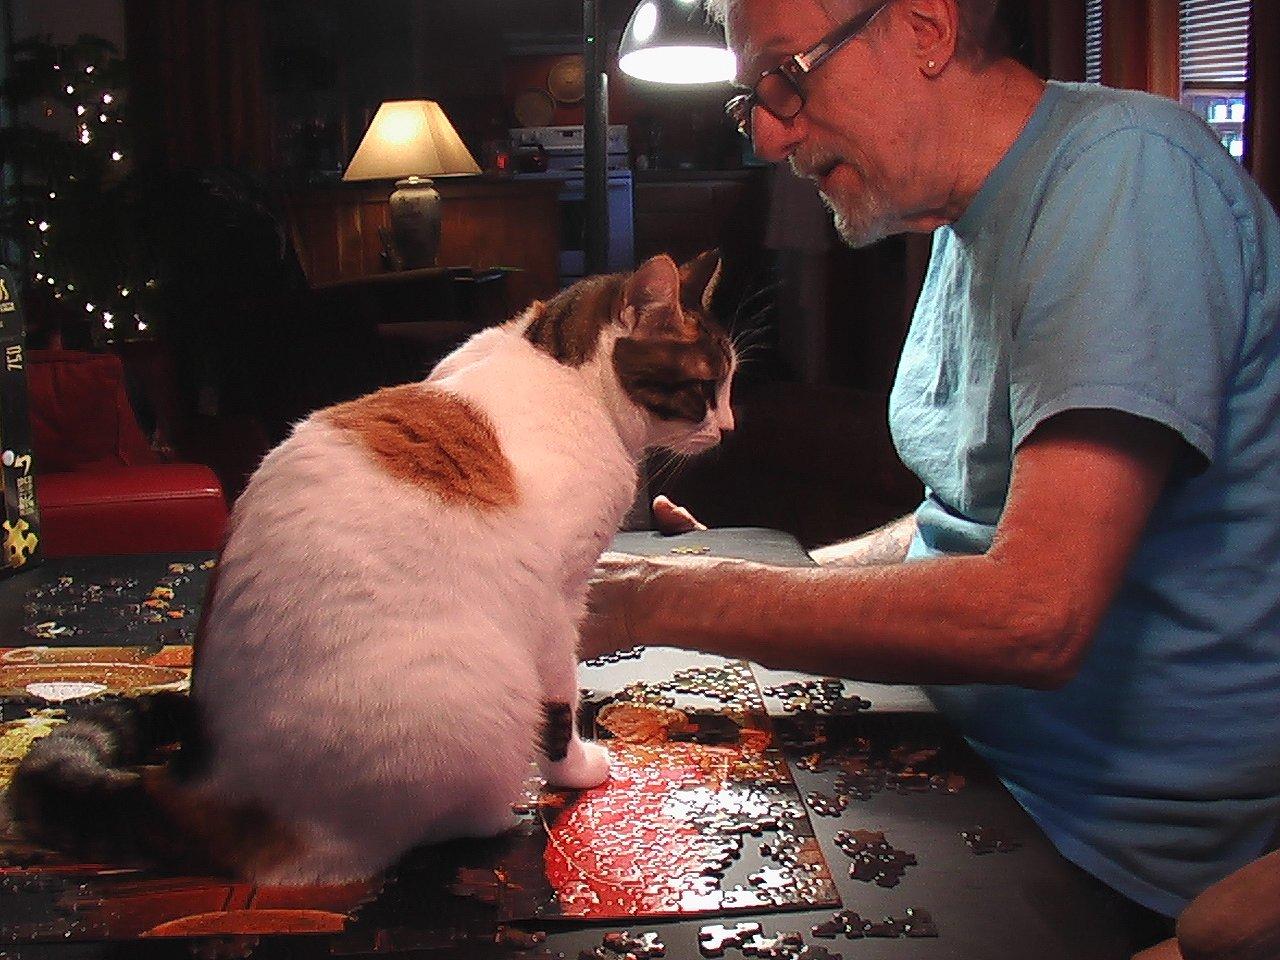 Kiki & D puzzling